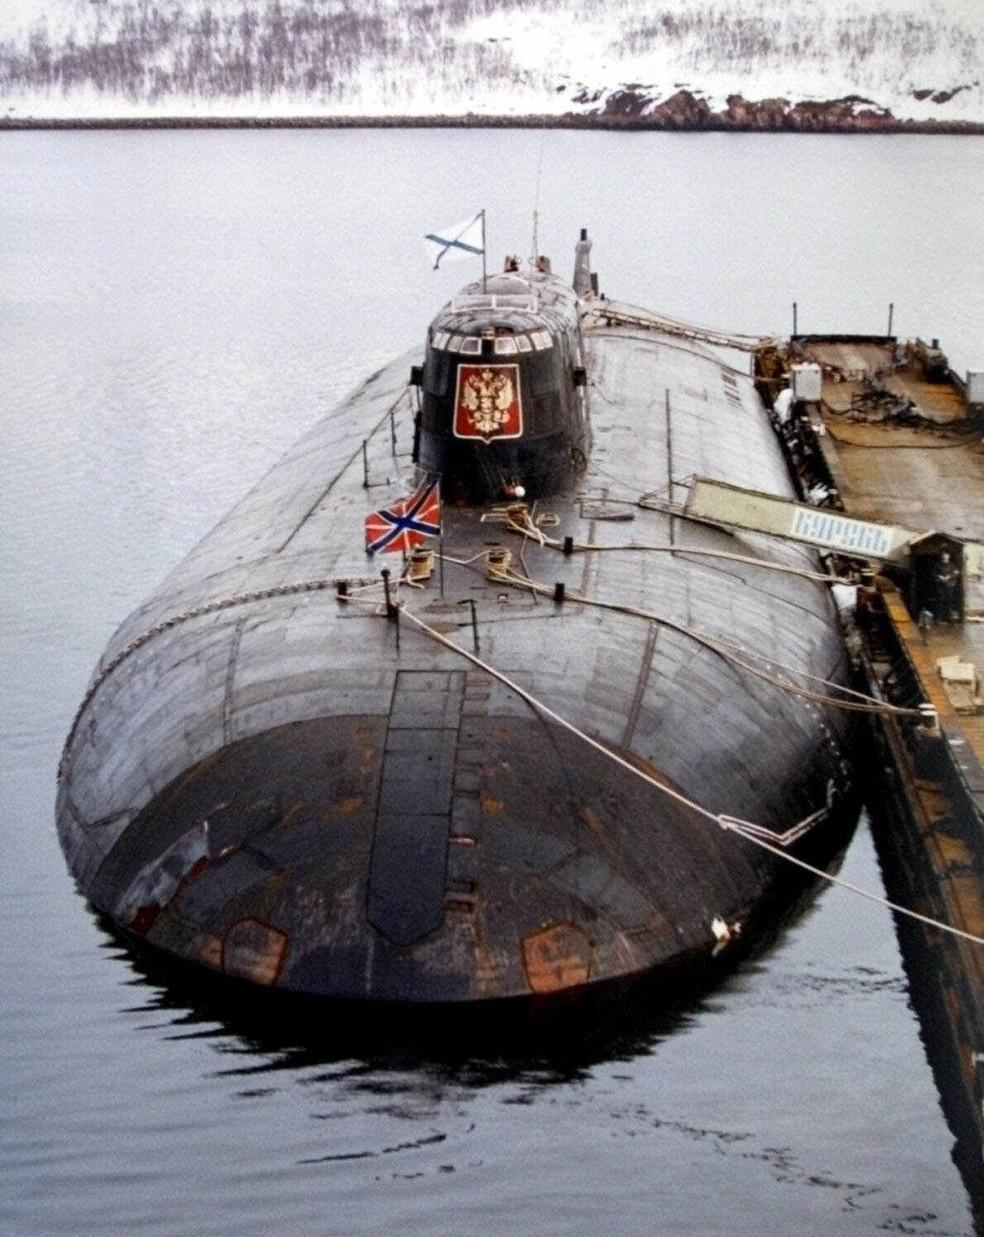 Submarino nuclear russo Kursk, em foto de 2000. A embarcação naufragou no ano seguinte (Foto: AP Foto/Archivo)